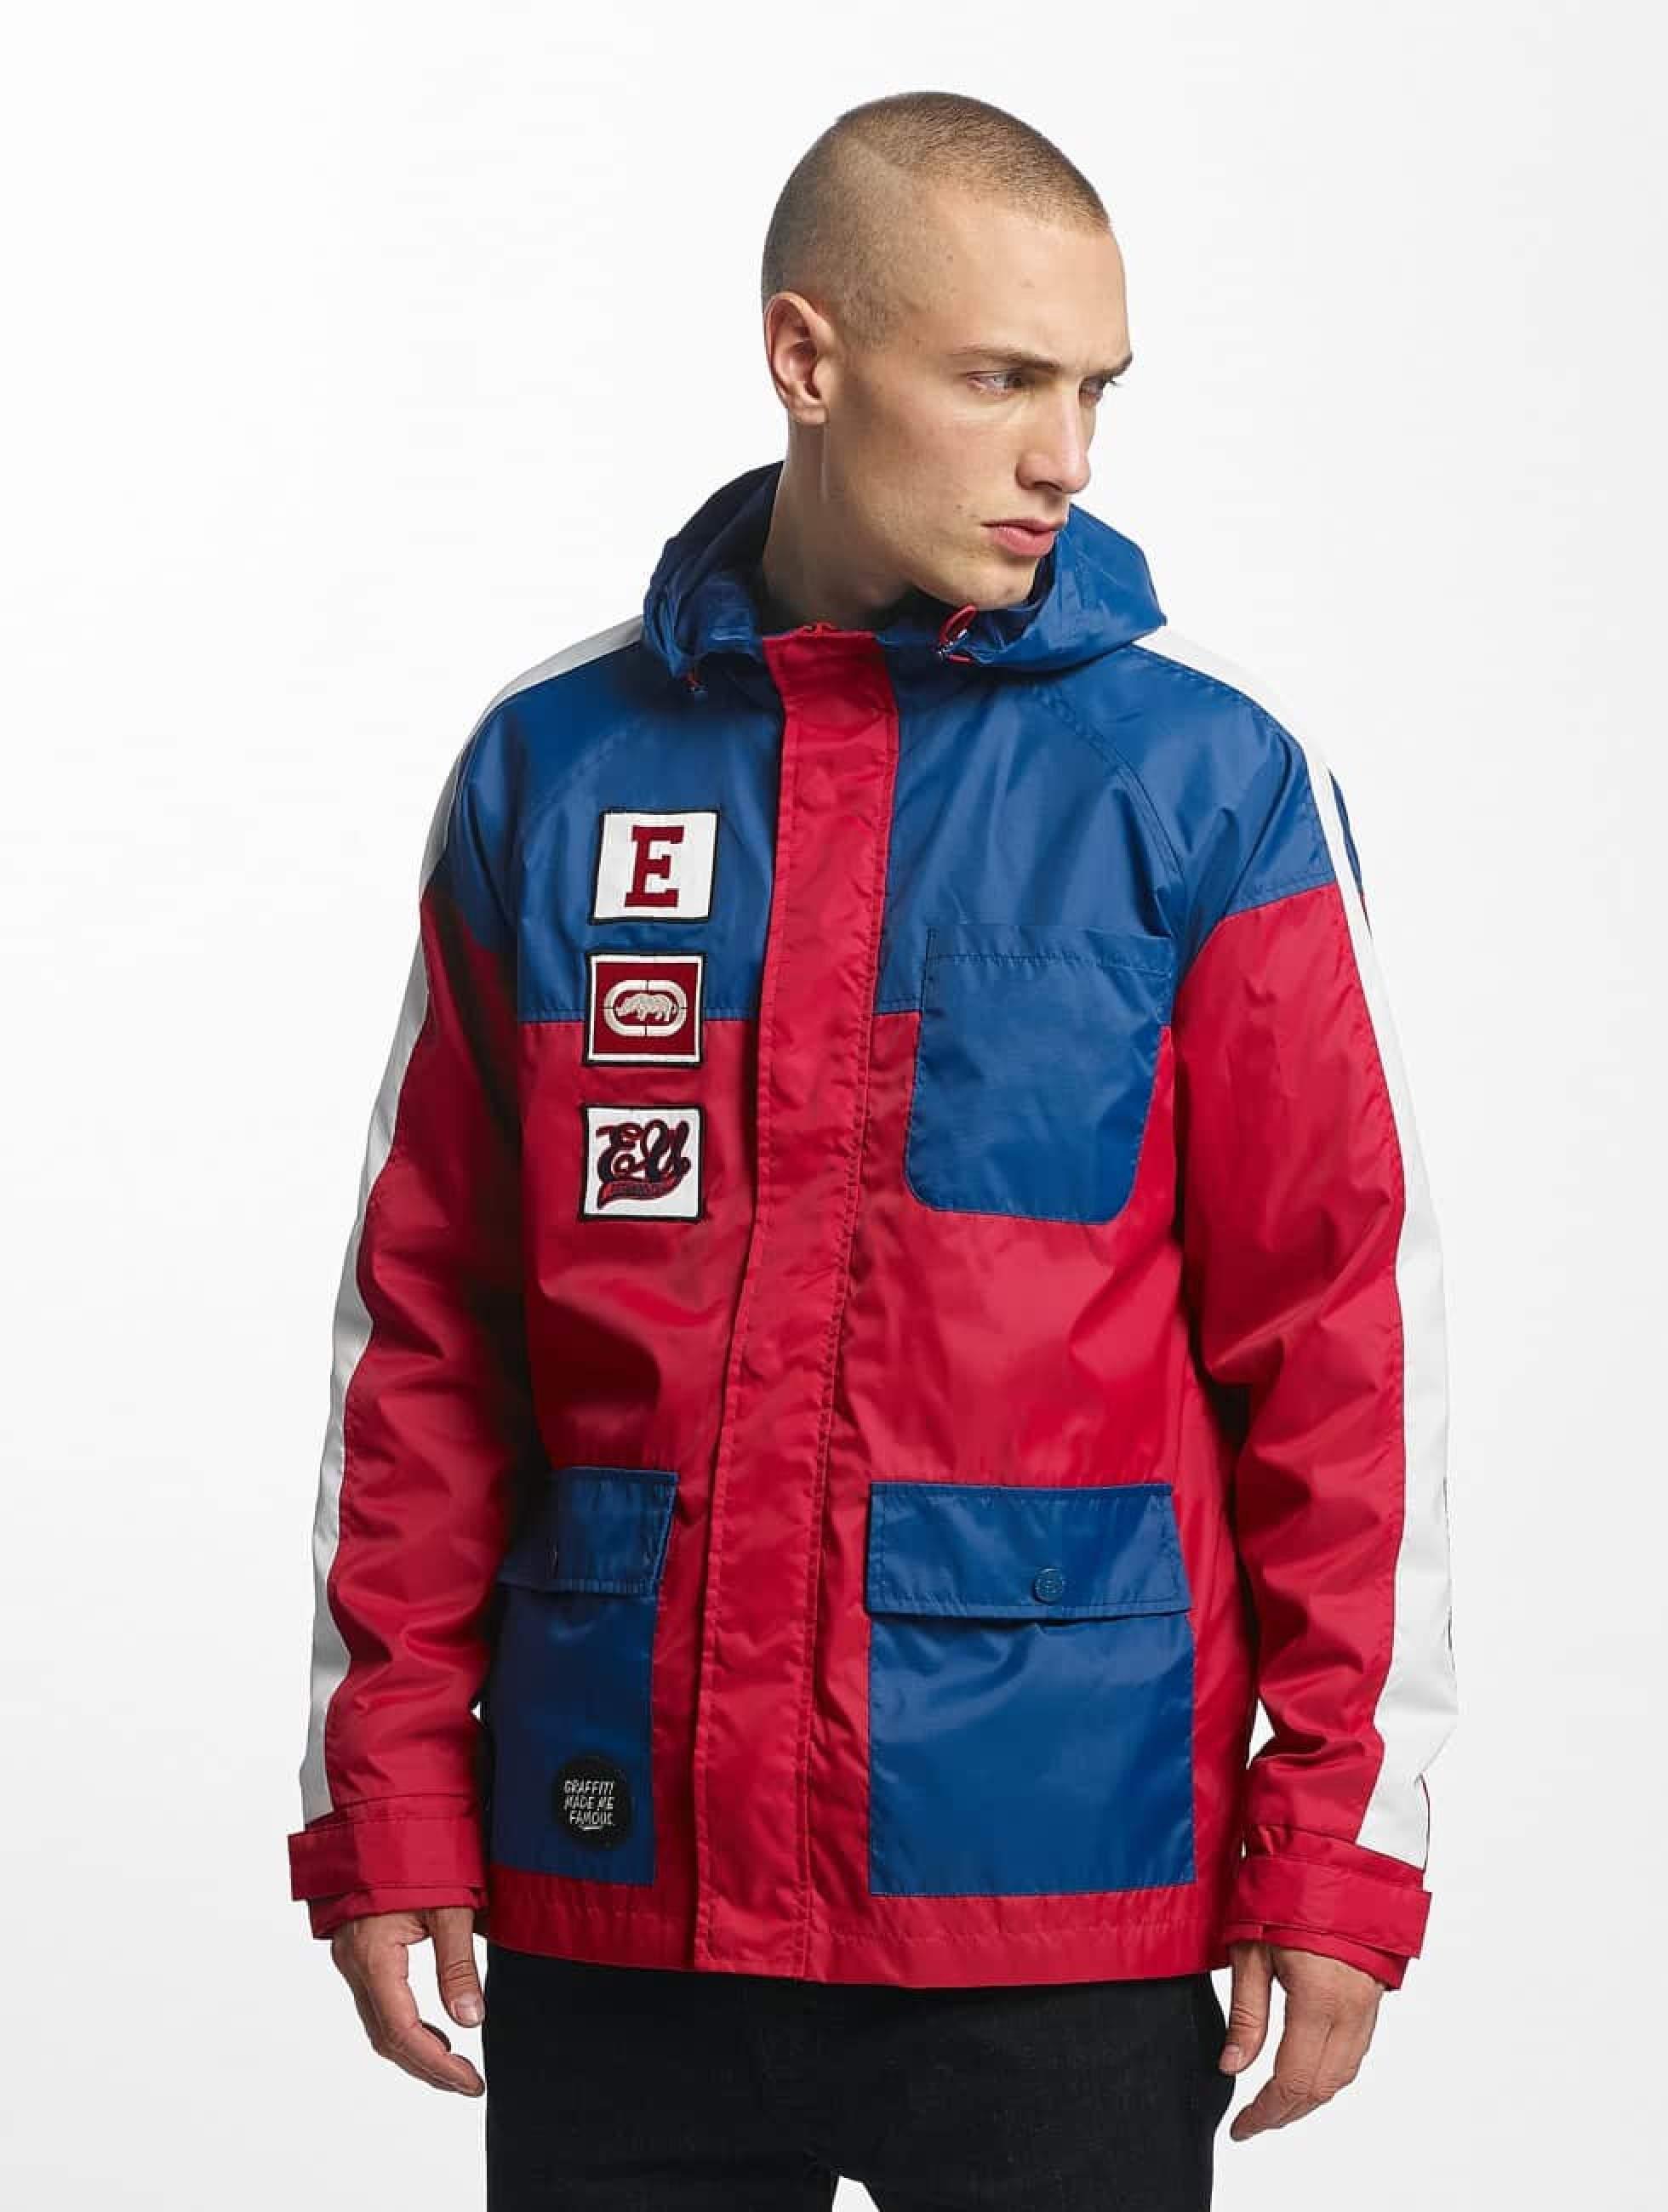 Ecko Unltd. / Lightweight Jacket NosyBe in blue XL